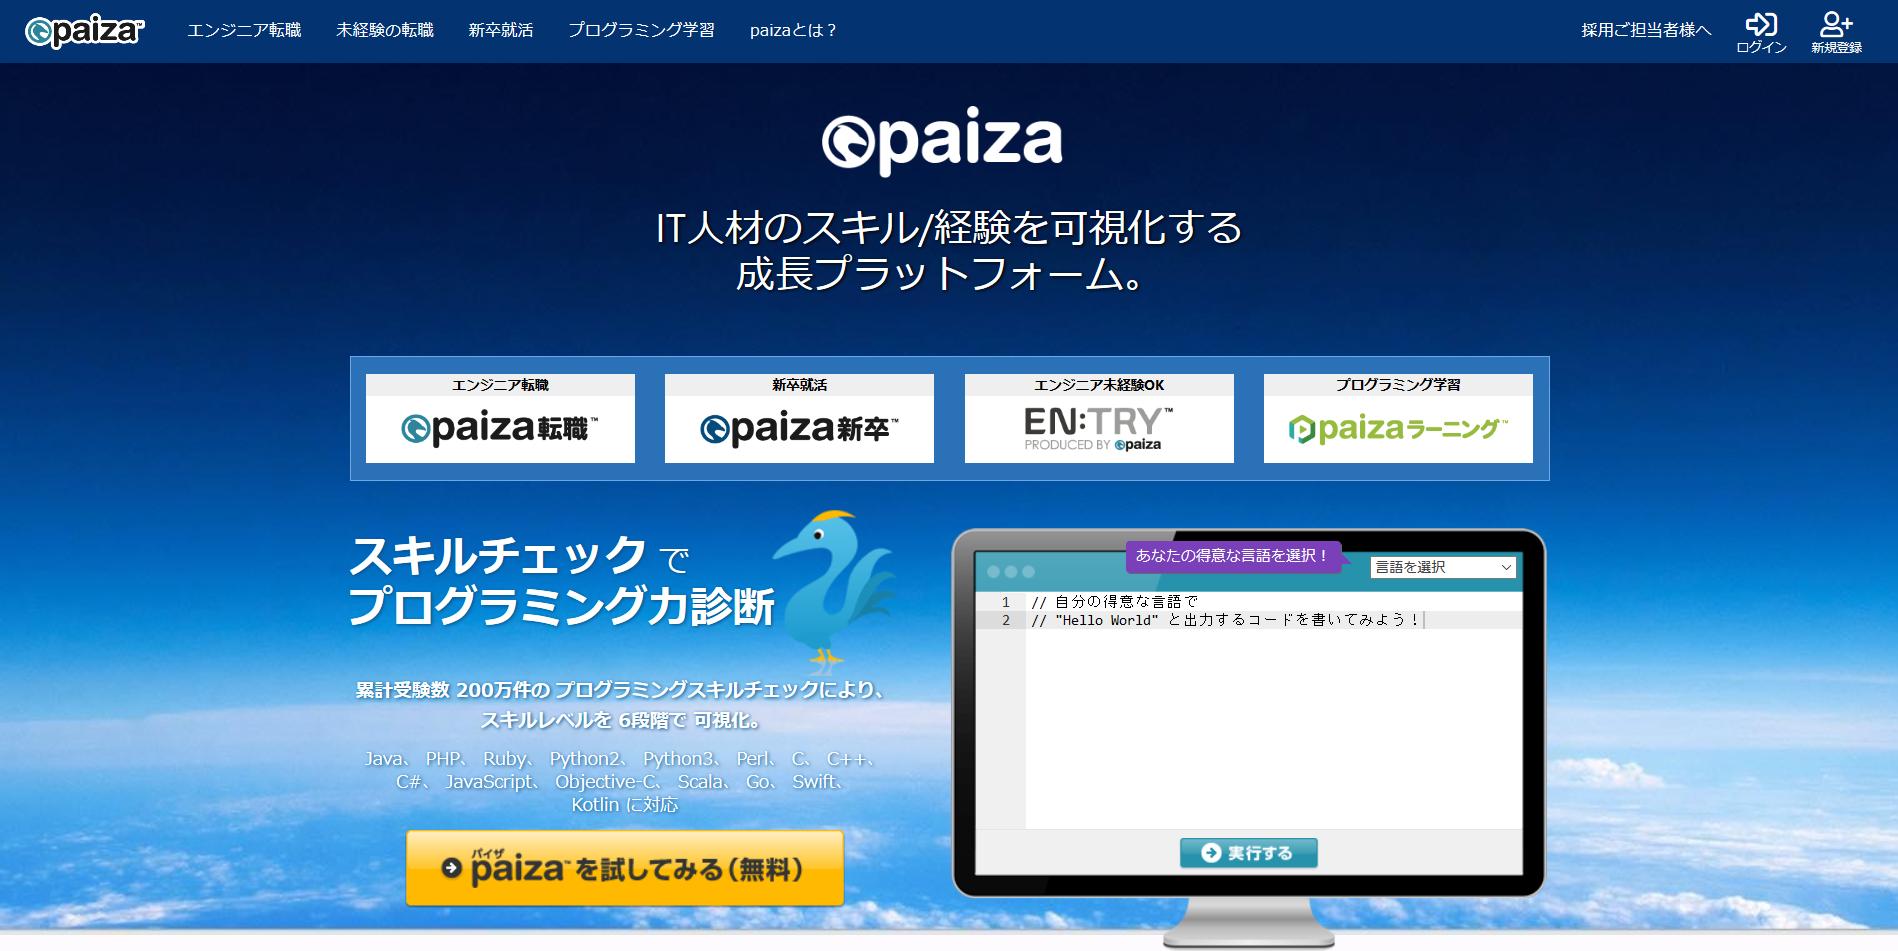 6段階のスキルチェックができるpaizaの画像